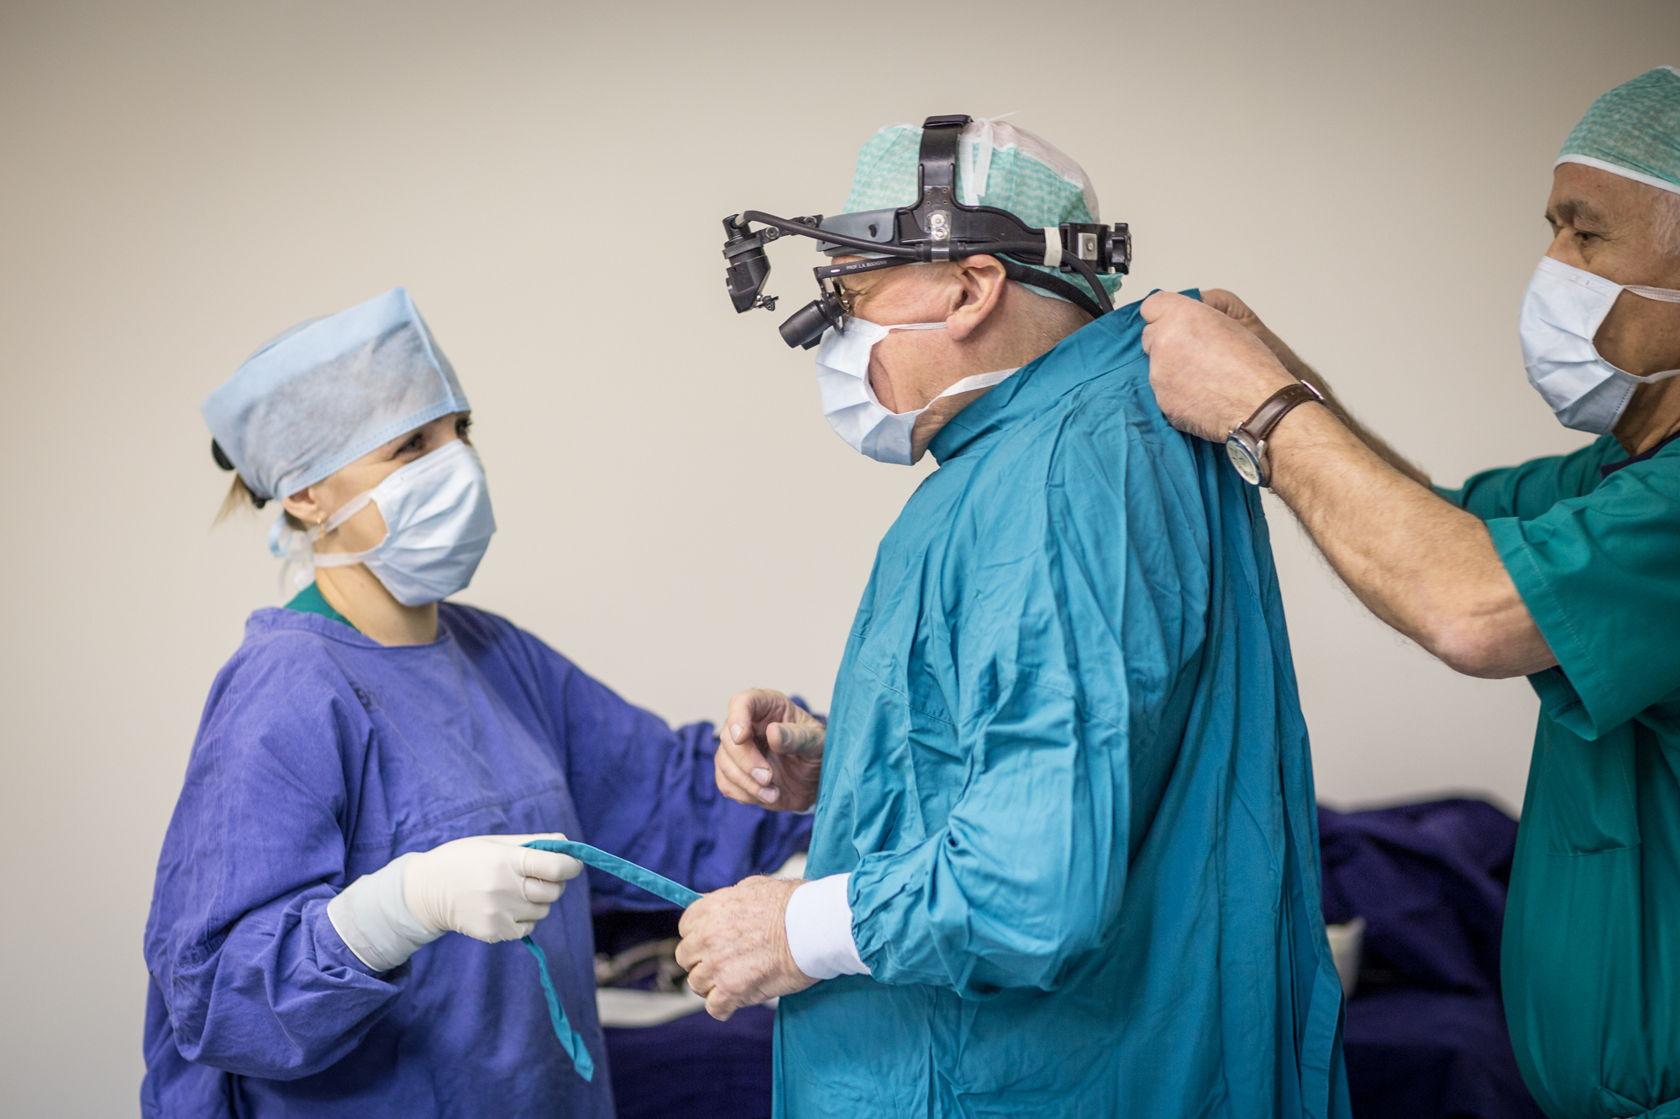 Лео Бокерия готовится к операции